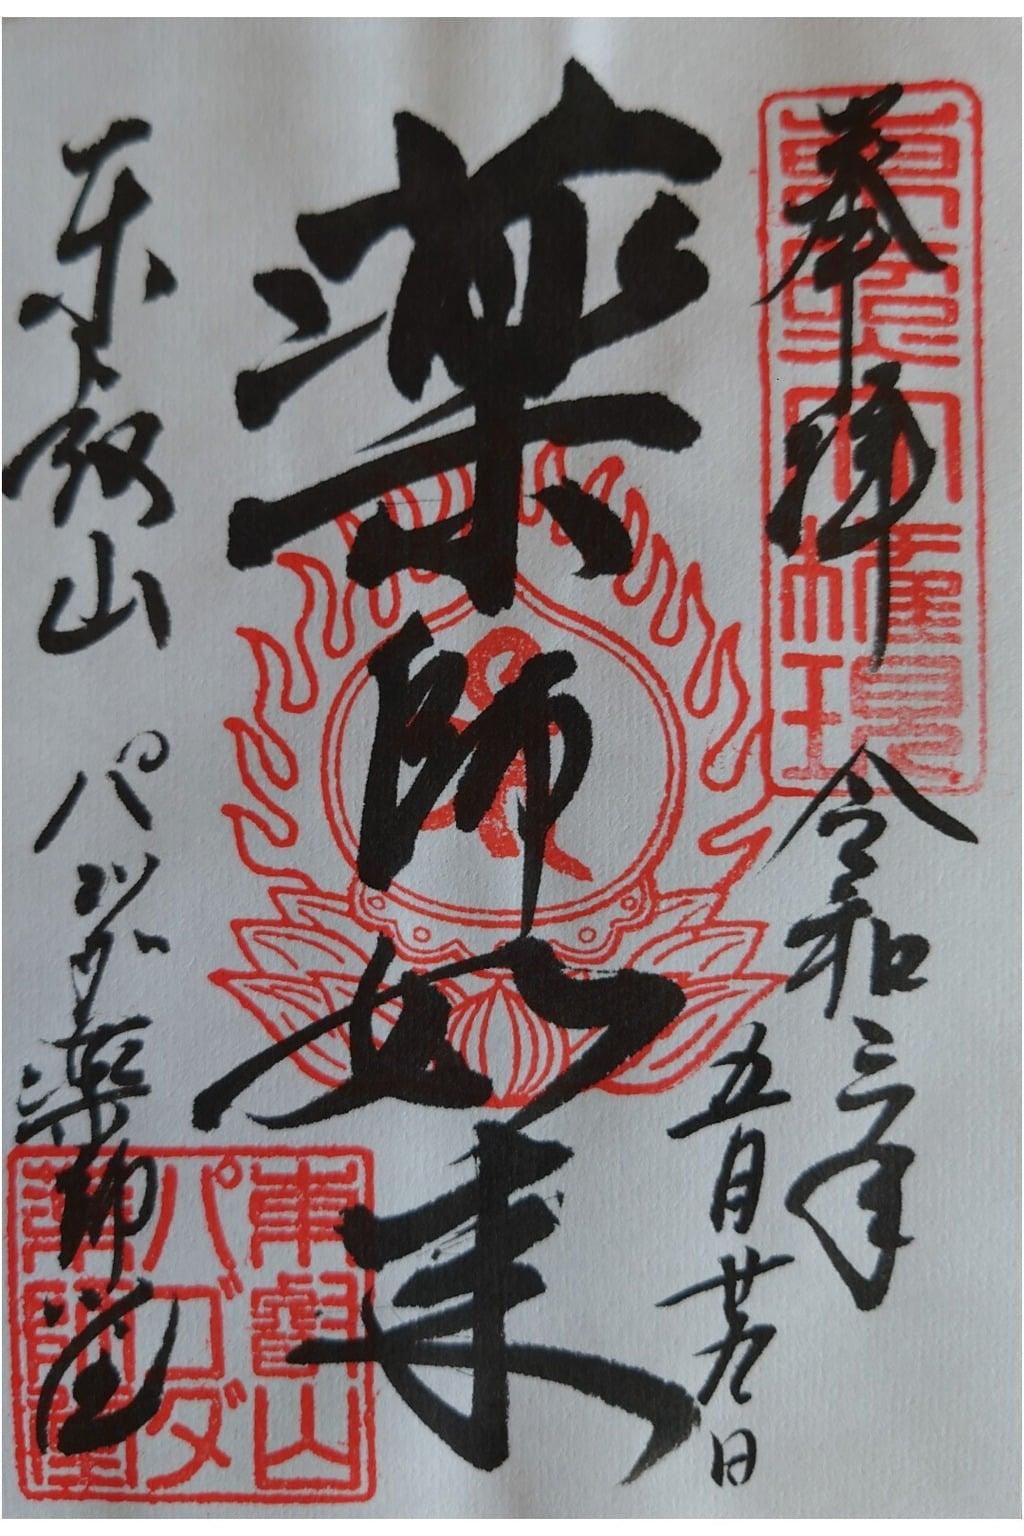 上野大仏の御朱印